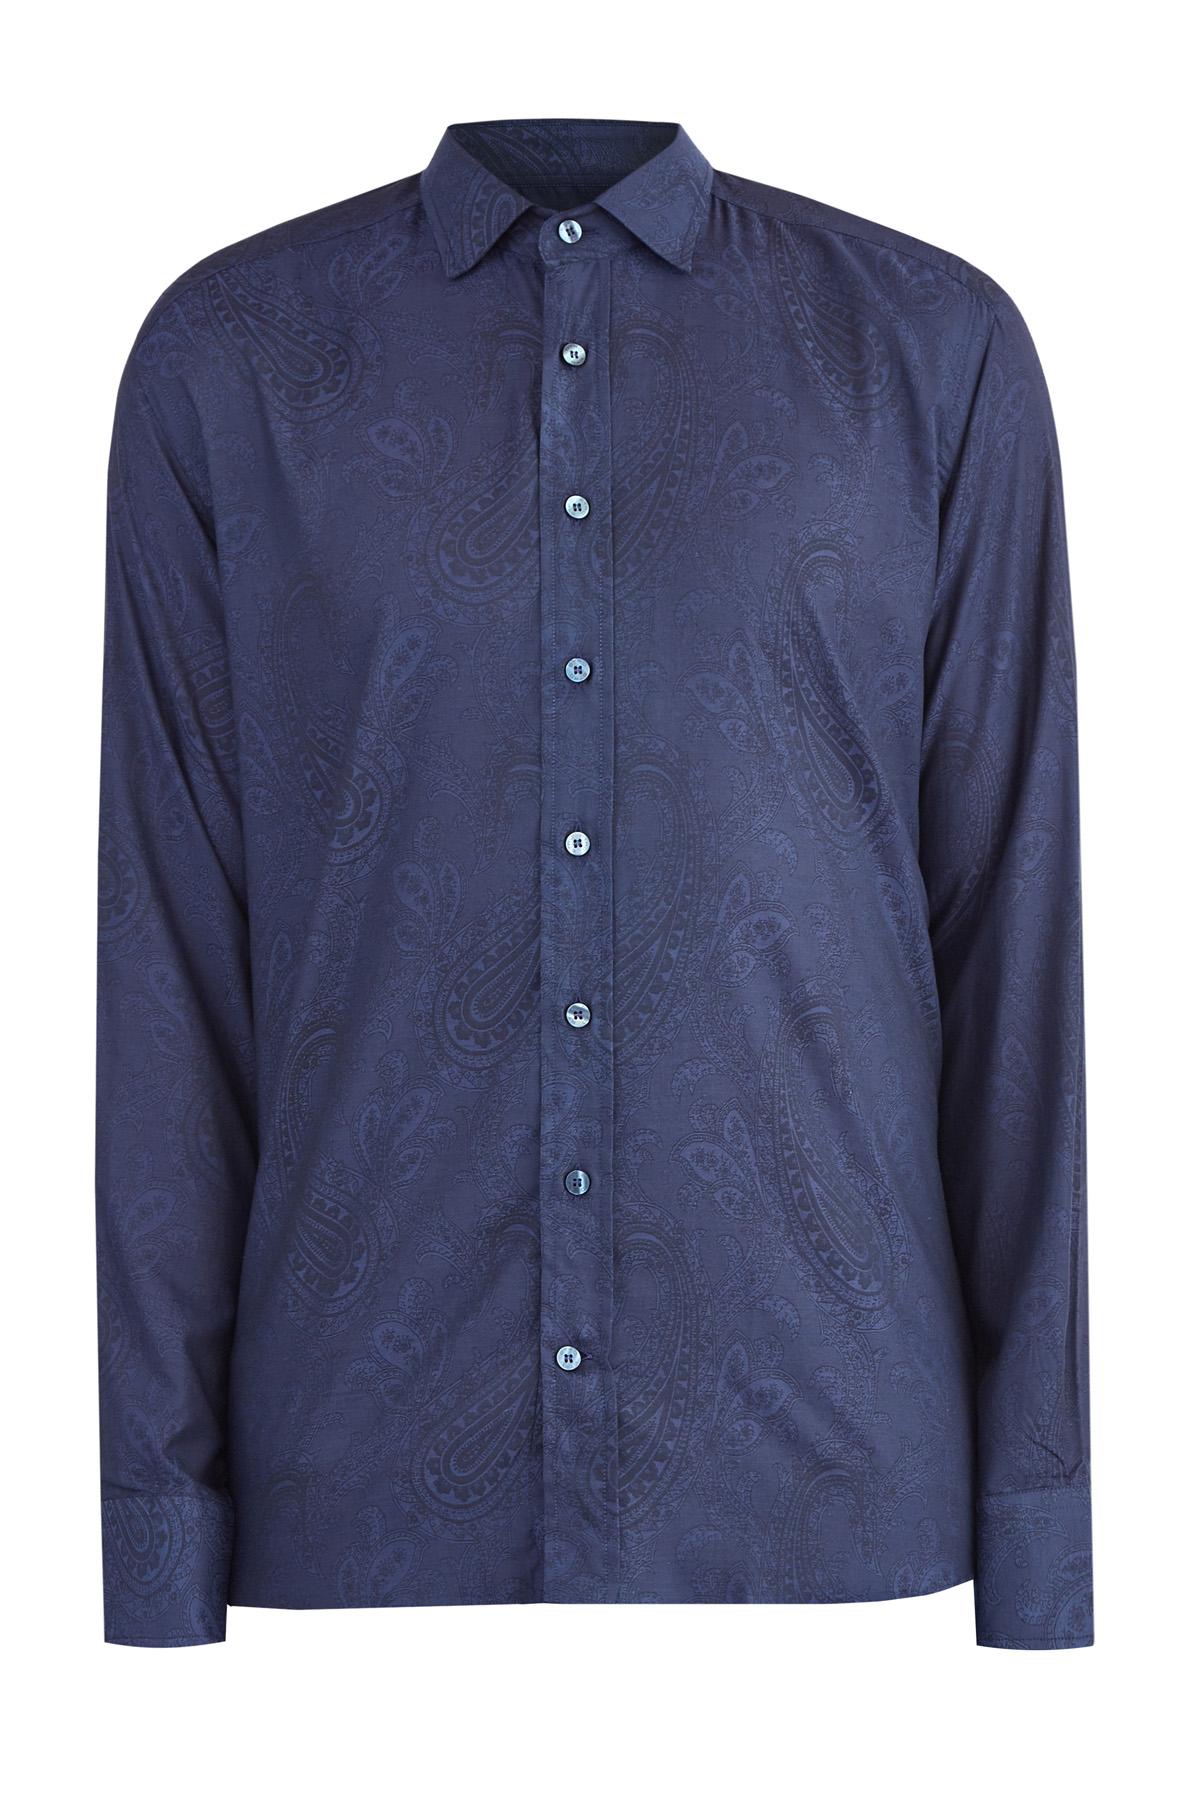 Приталенная хлопковая рубашка с этническим принтом фото